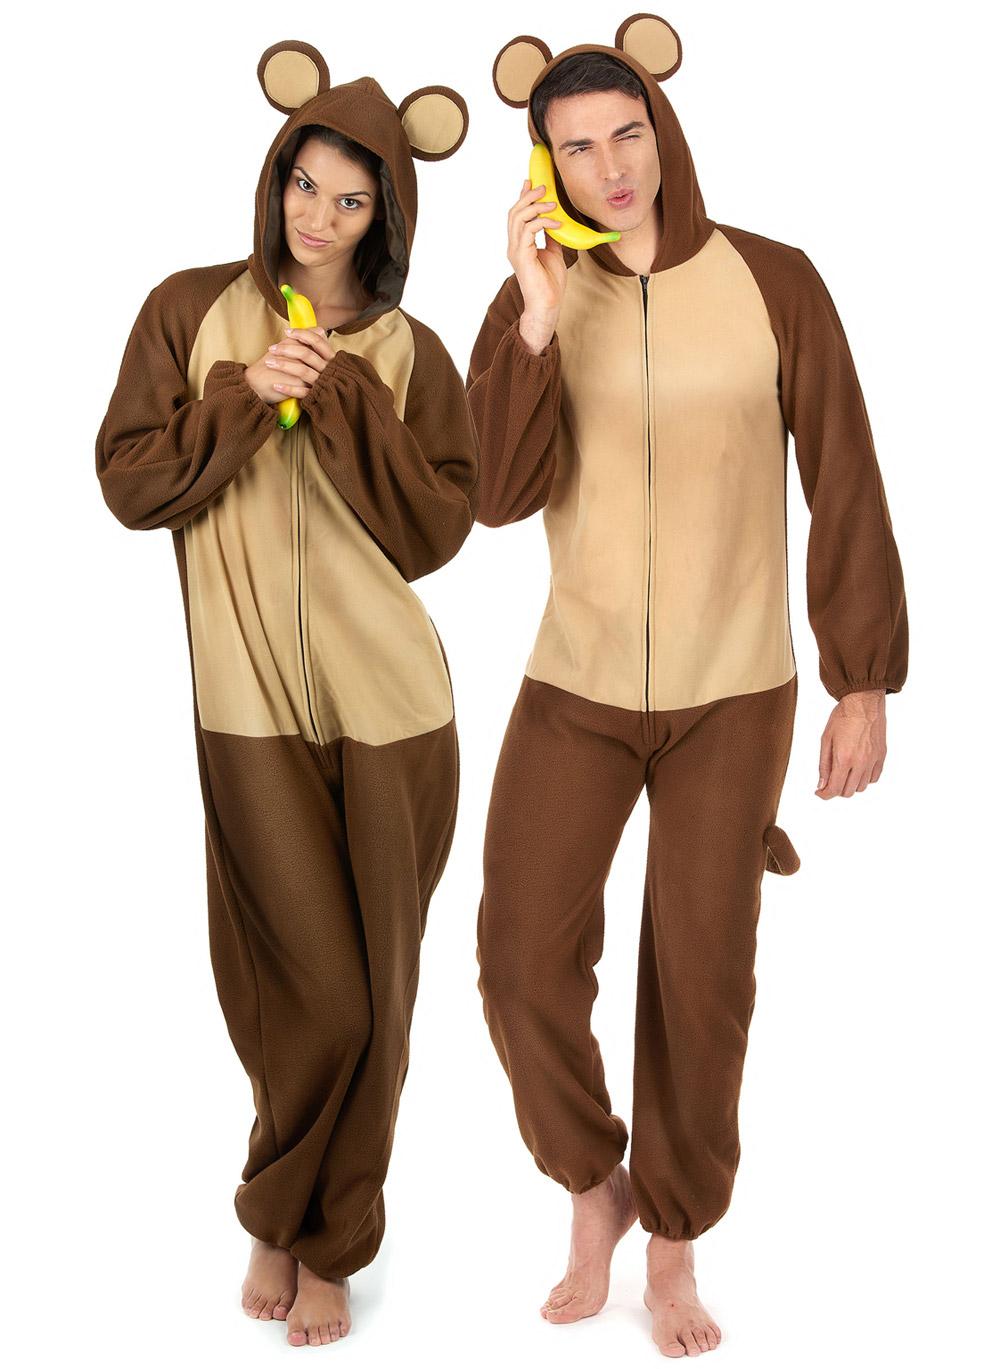 Amato Costume di coppia scimmia: Costumi coppia,e vestiti di carnevale  TV61